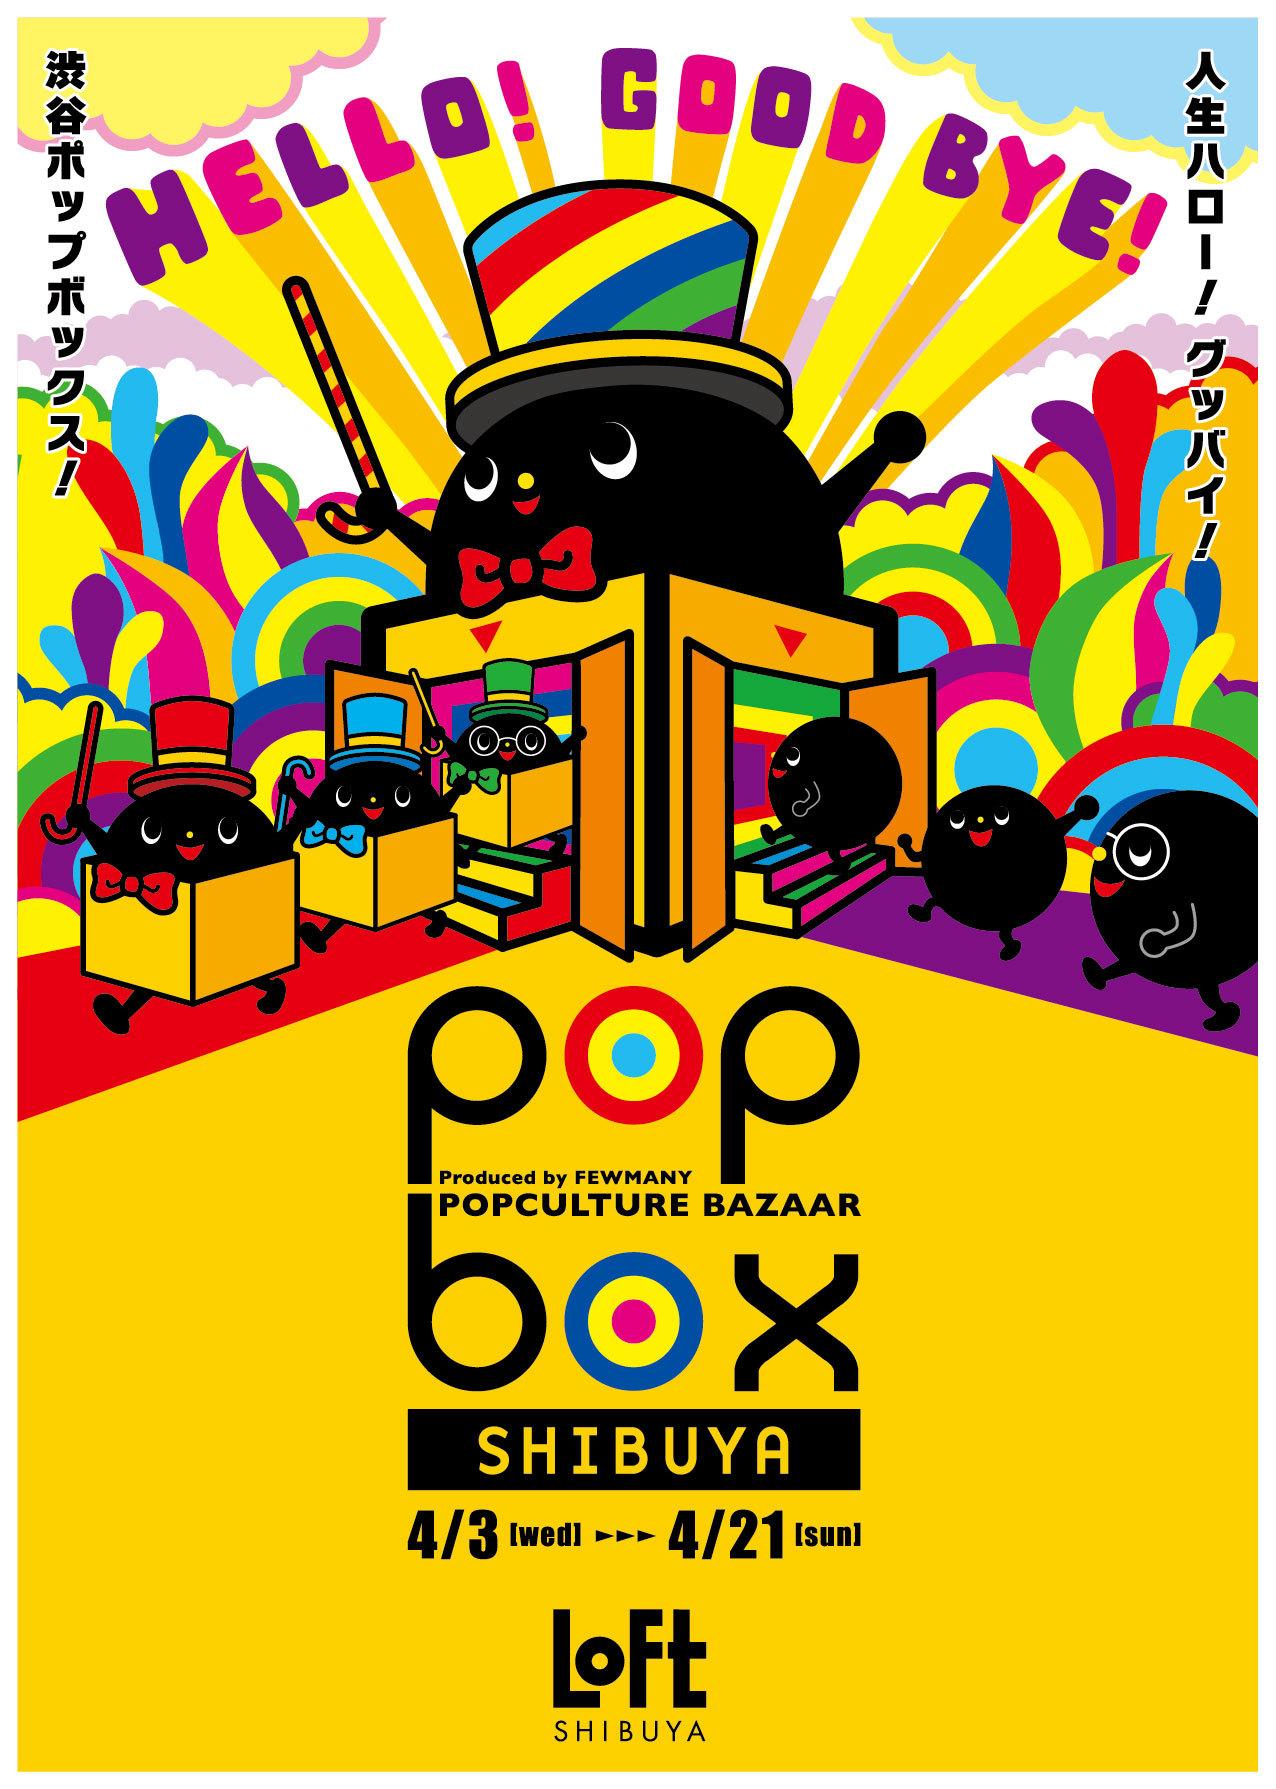 渋谷ロフトPOPBOXライブイベント開催致します!!_f0010033_20475242.jpg